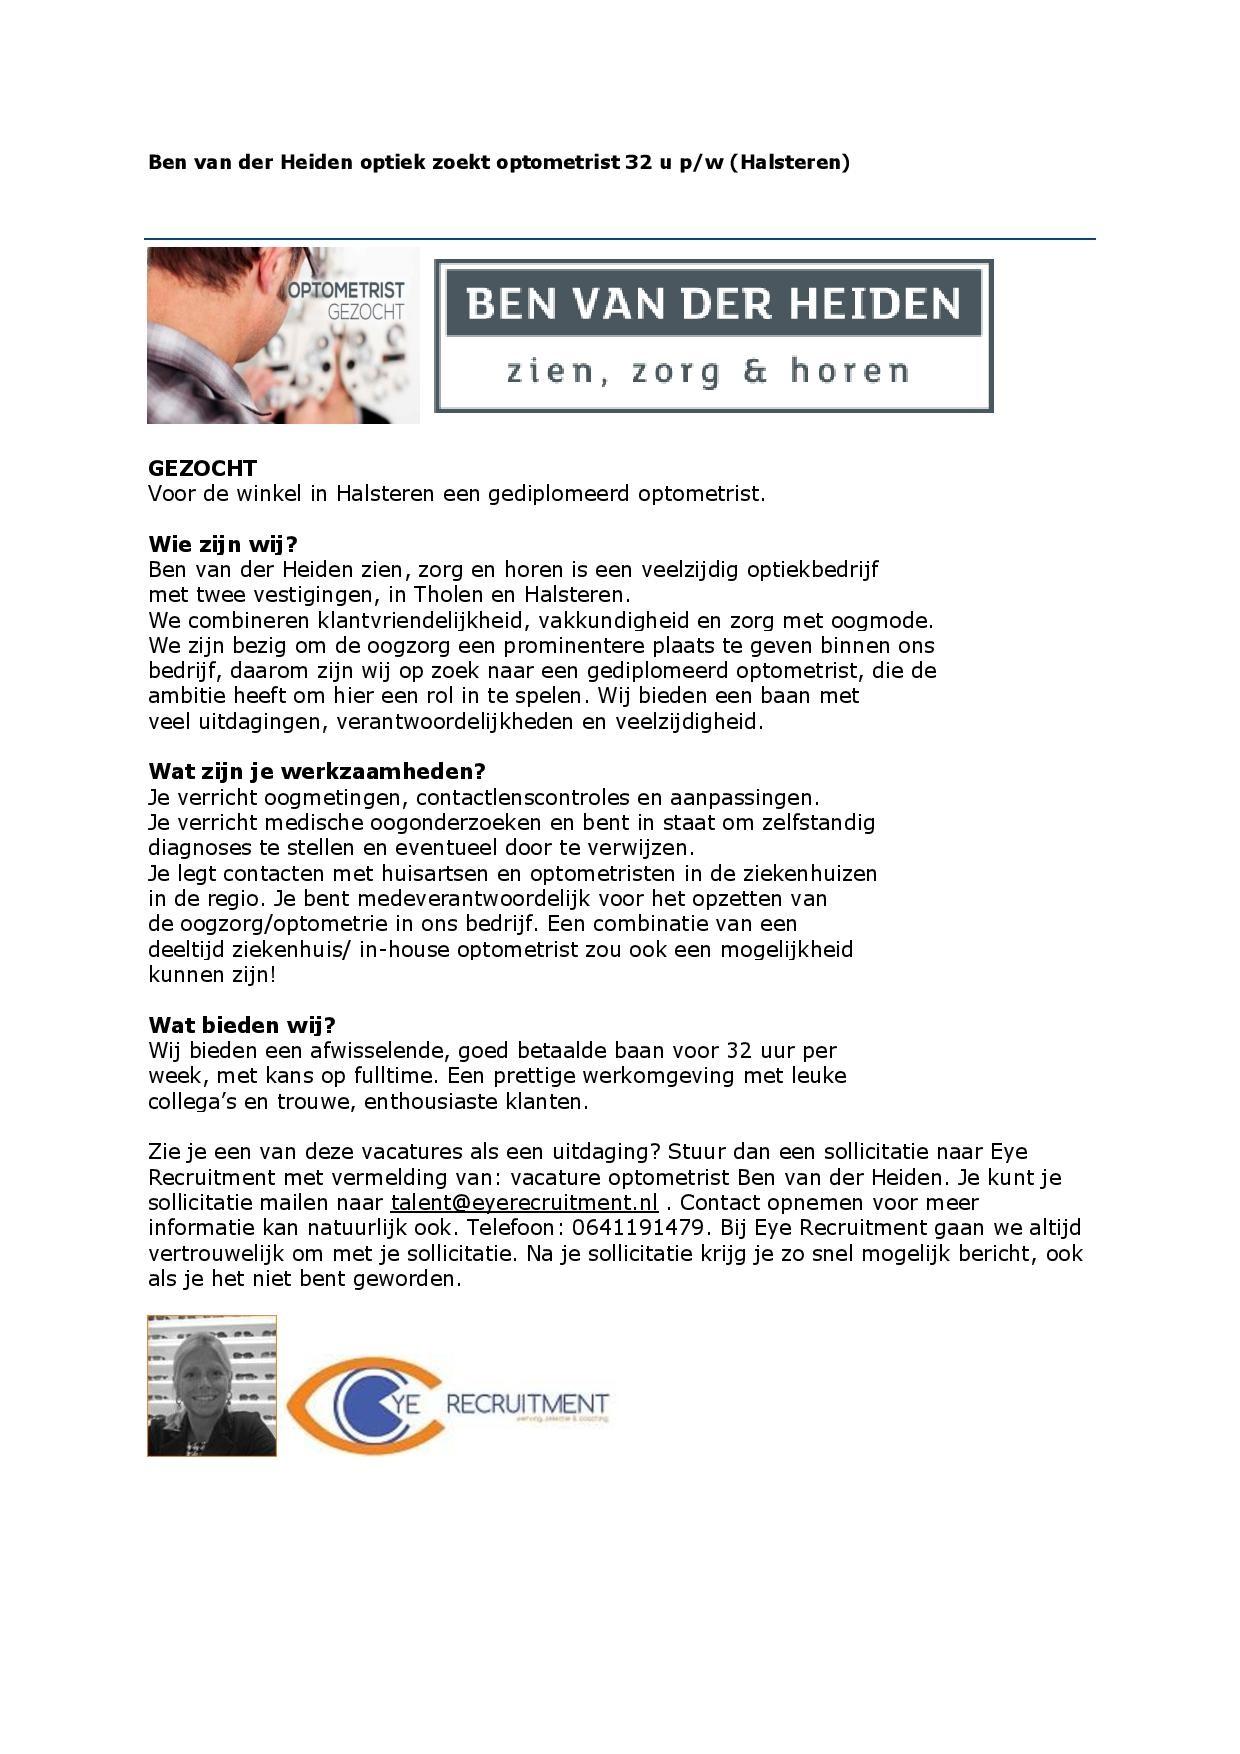 vacature optometrist ben van der heiden-page-001